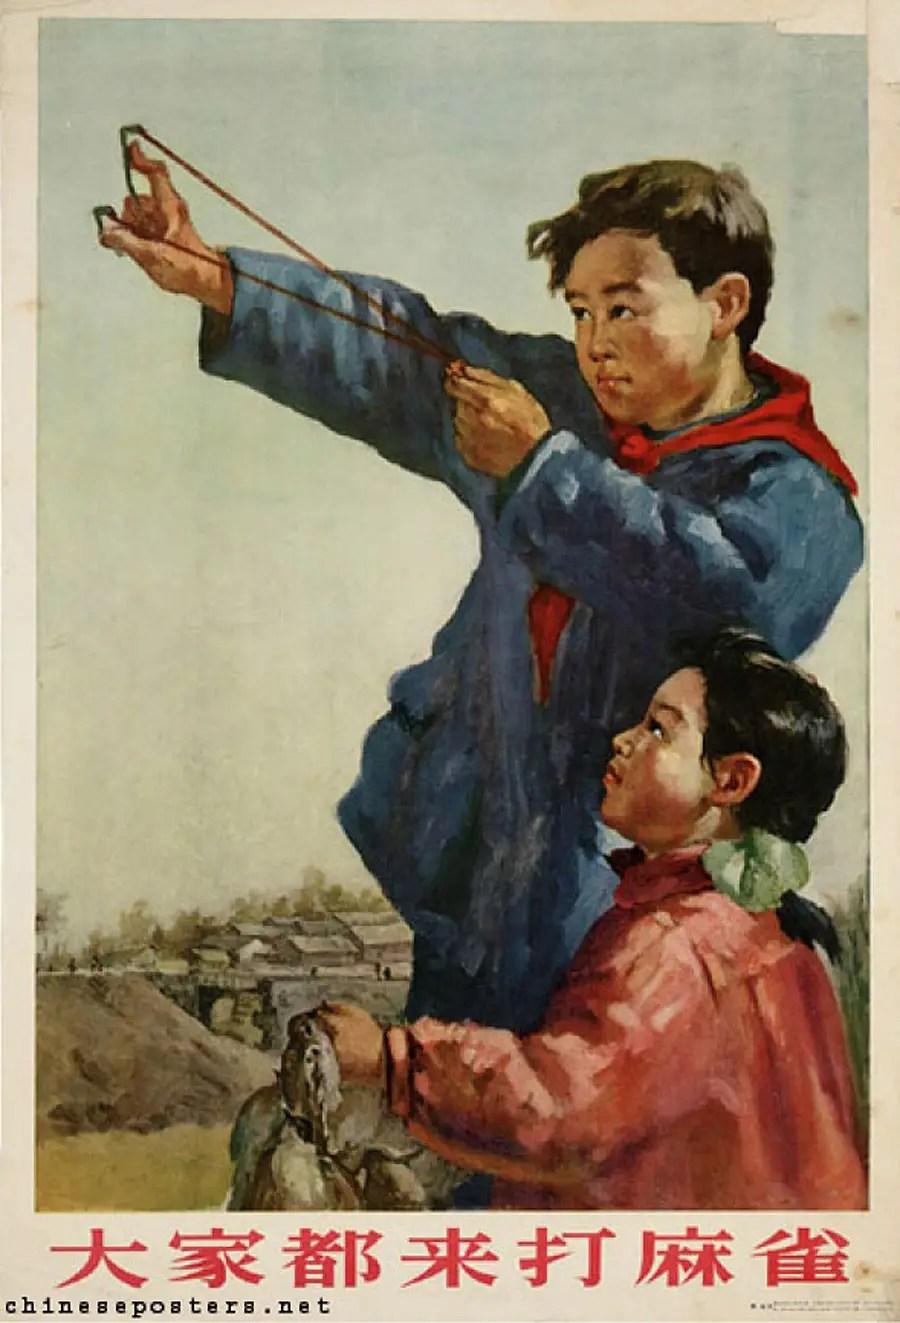 Этот знаменитый плакат призывает всех прийти и убить воробья (1956).